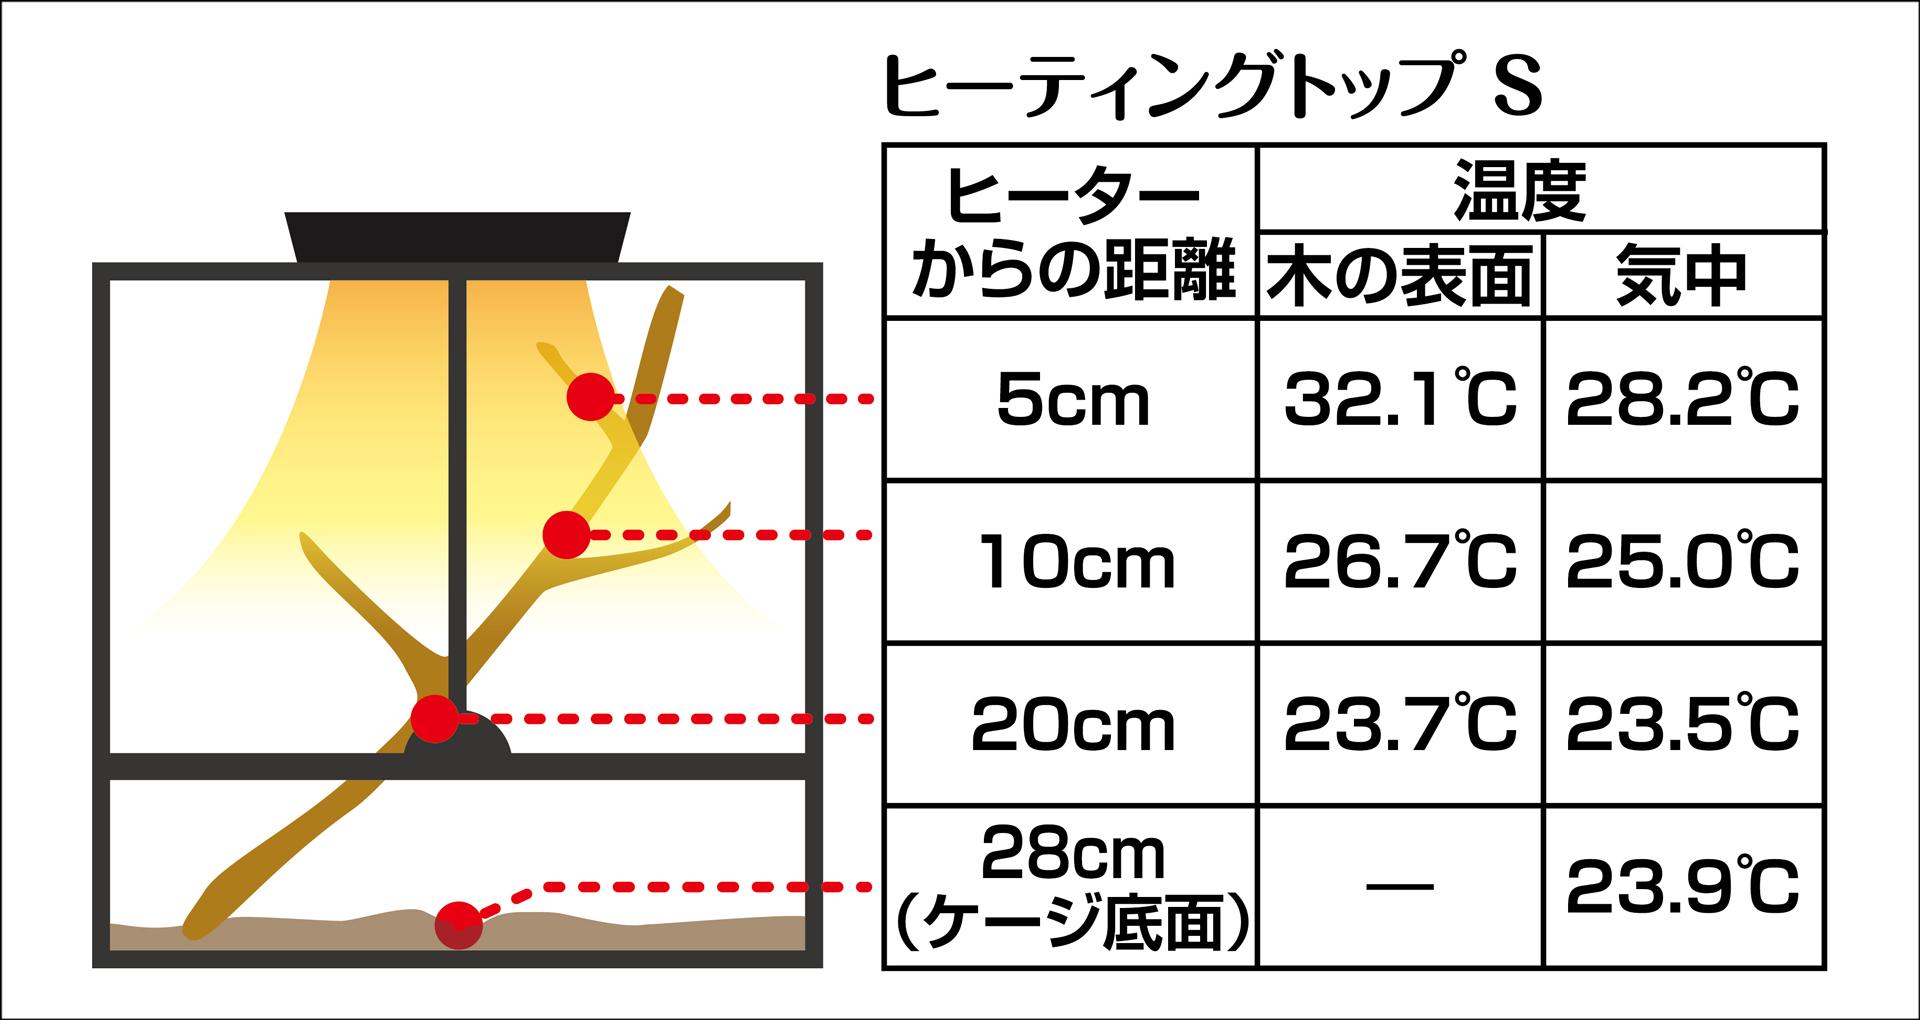 ヒーティングトップS 温度測定実測値